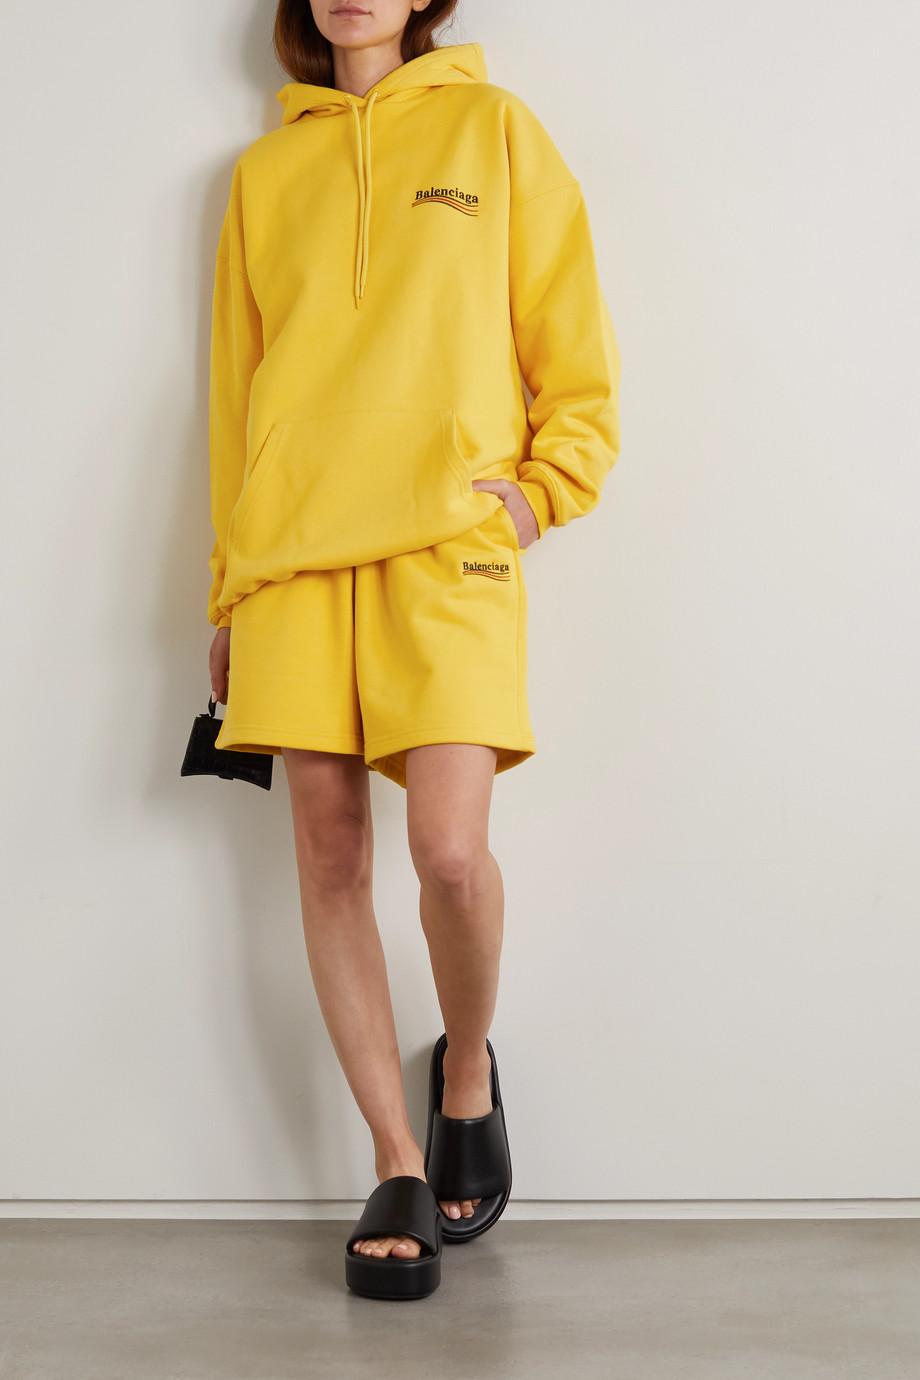 Balenciaga Embroidered cotton-jersey shorts